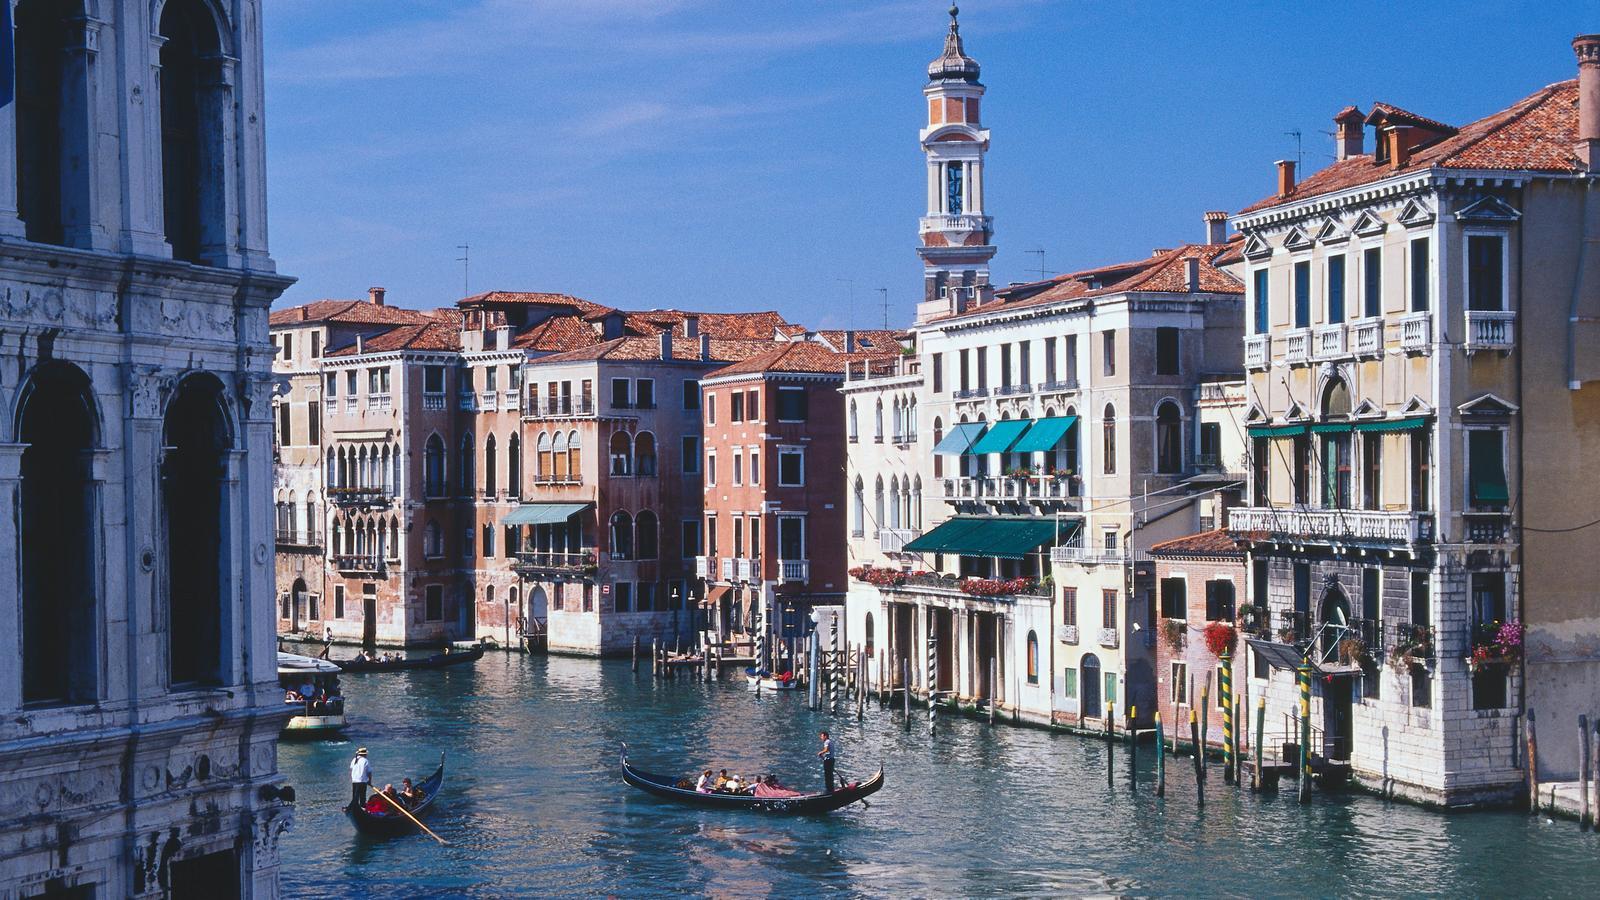 Na komentarze, że w Wenecji śmierdzi reaguję lekceważącym wzruszeniem ramion